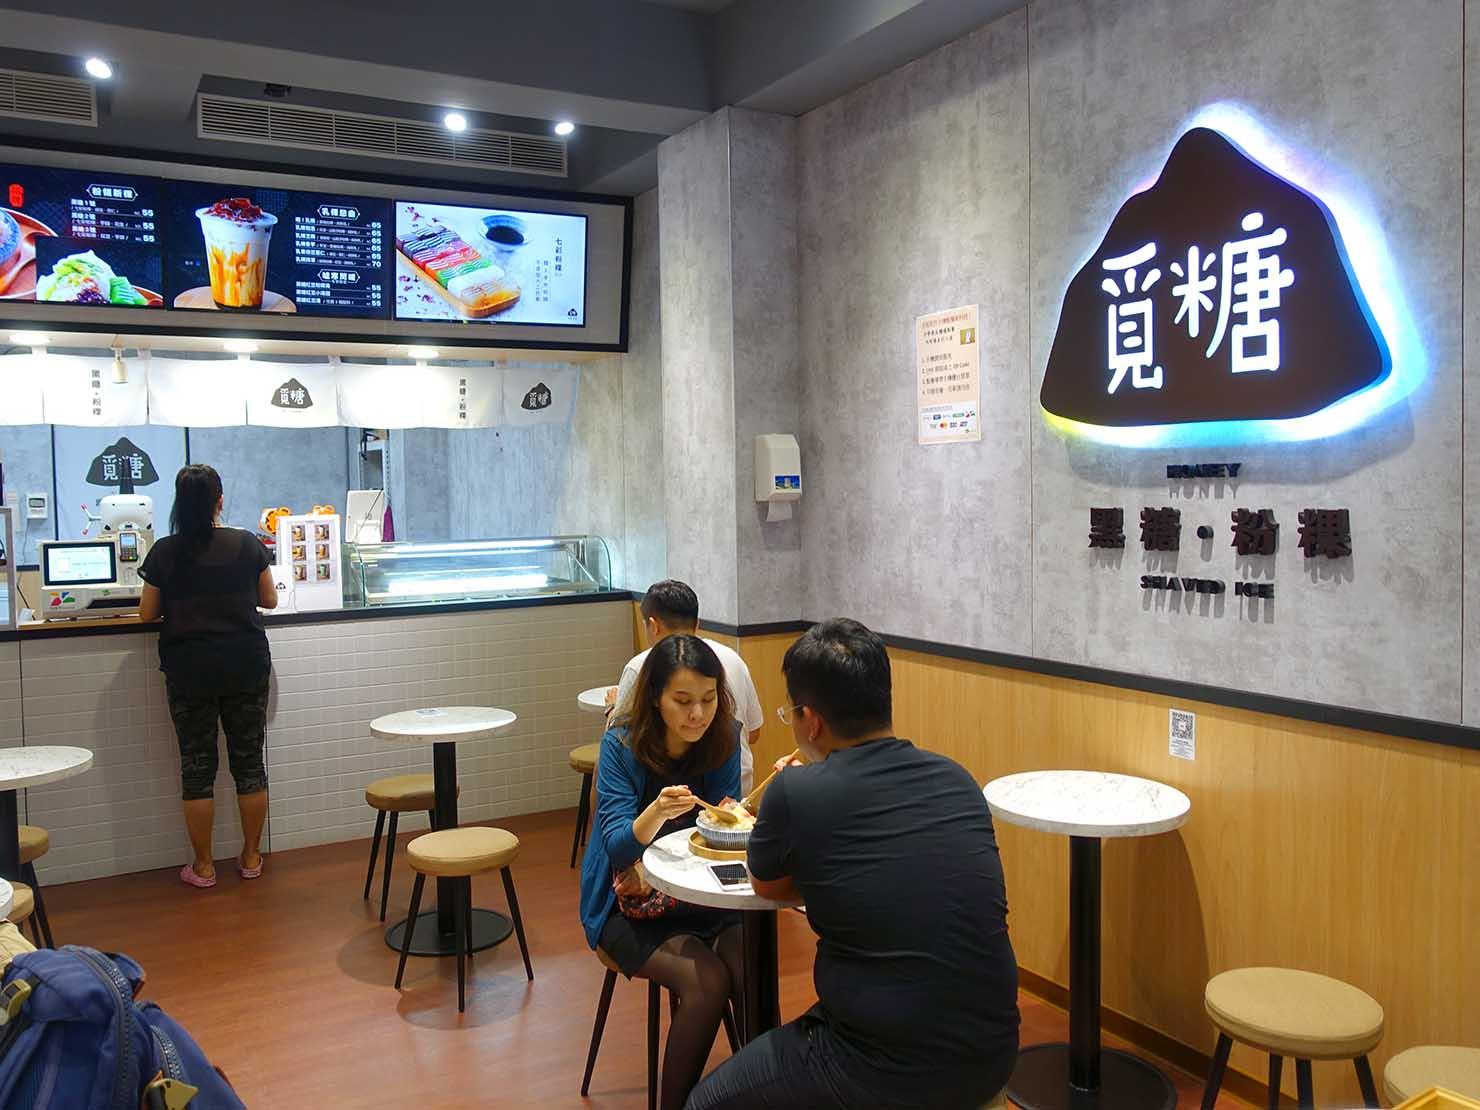 台北駅前エリア(前站)のおすすめスイーツ店「覓糖」の店内